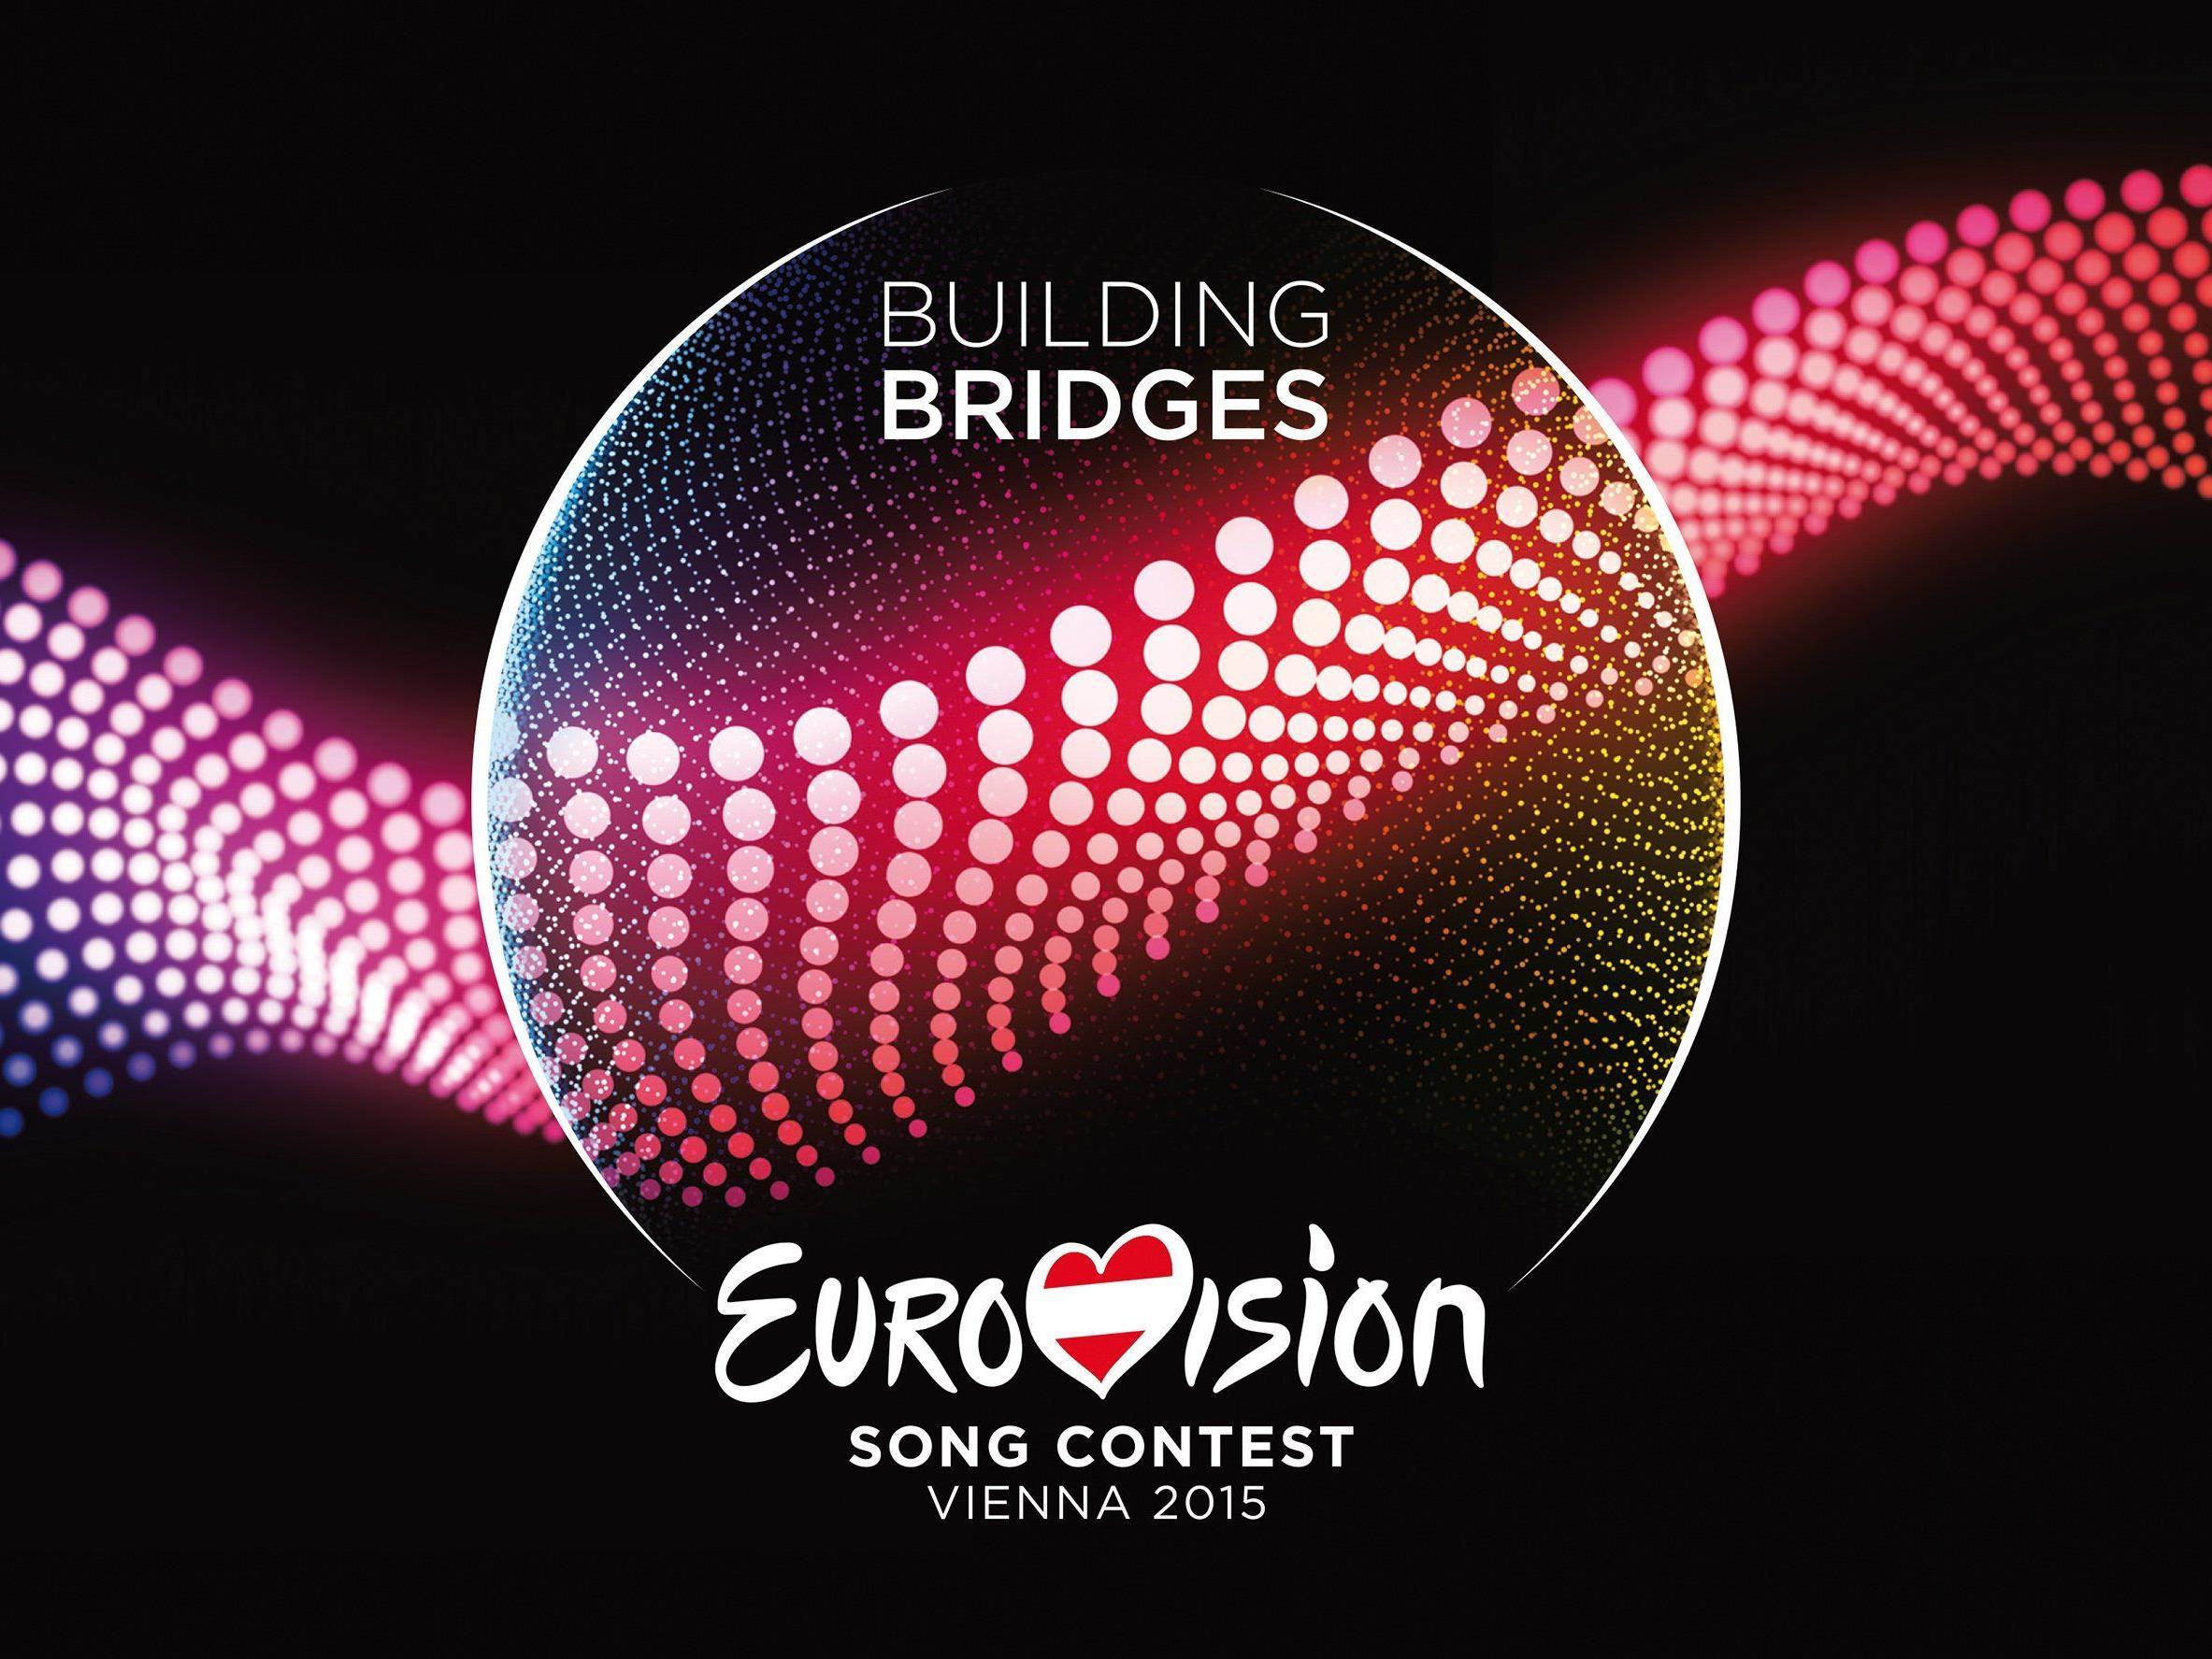 Der Ticketverkauf für den Eurovision Song Contest 2015 startet am 15. Dezember.